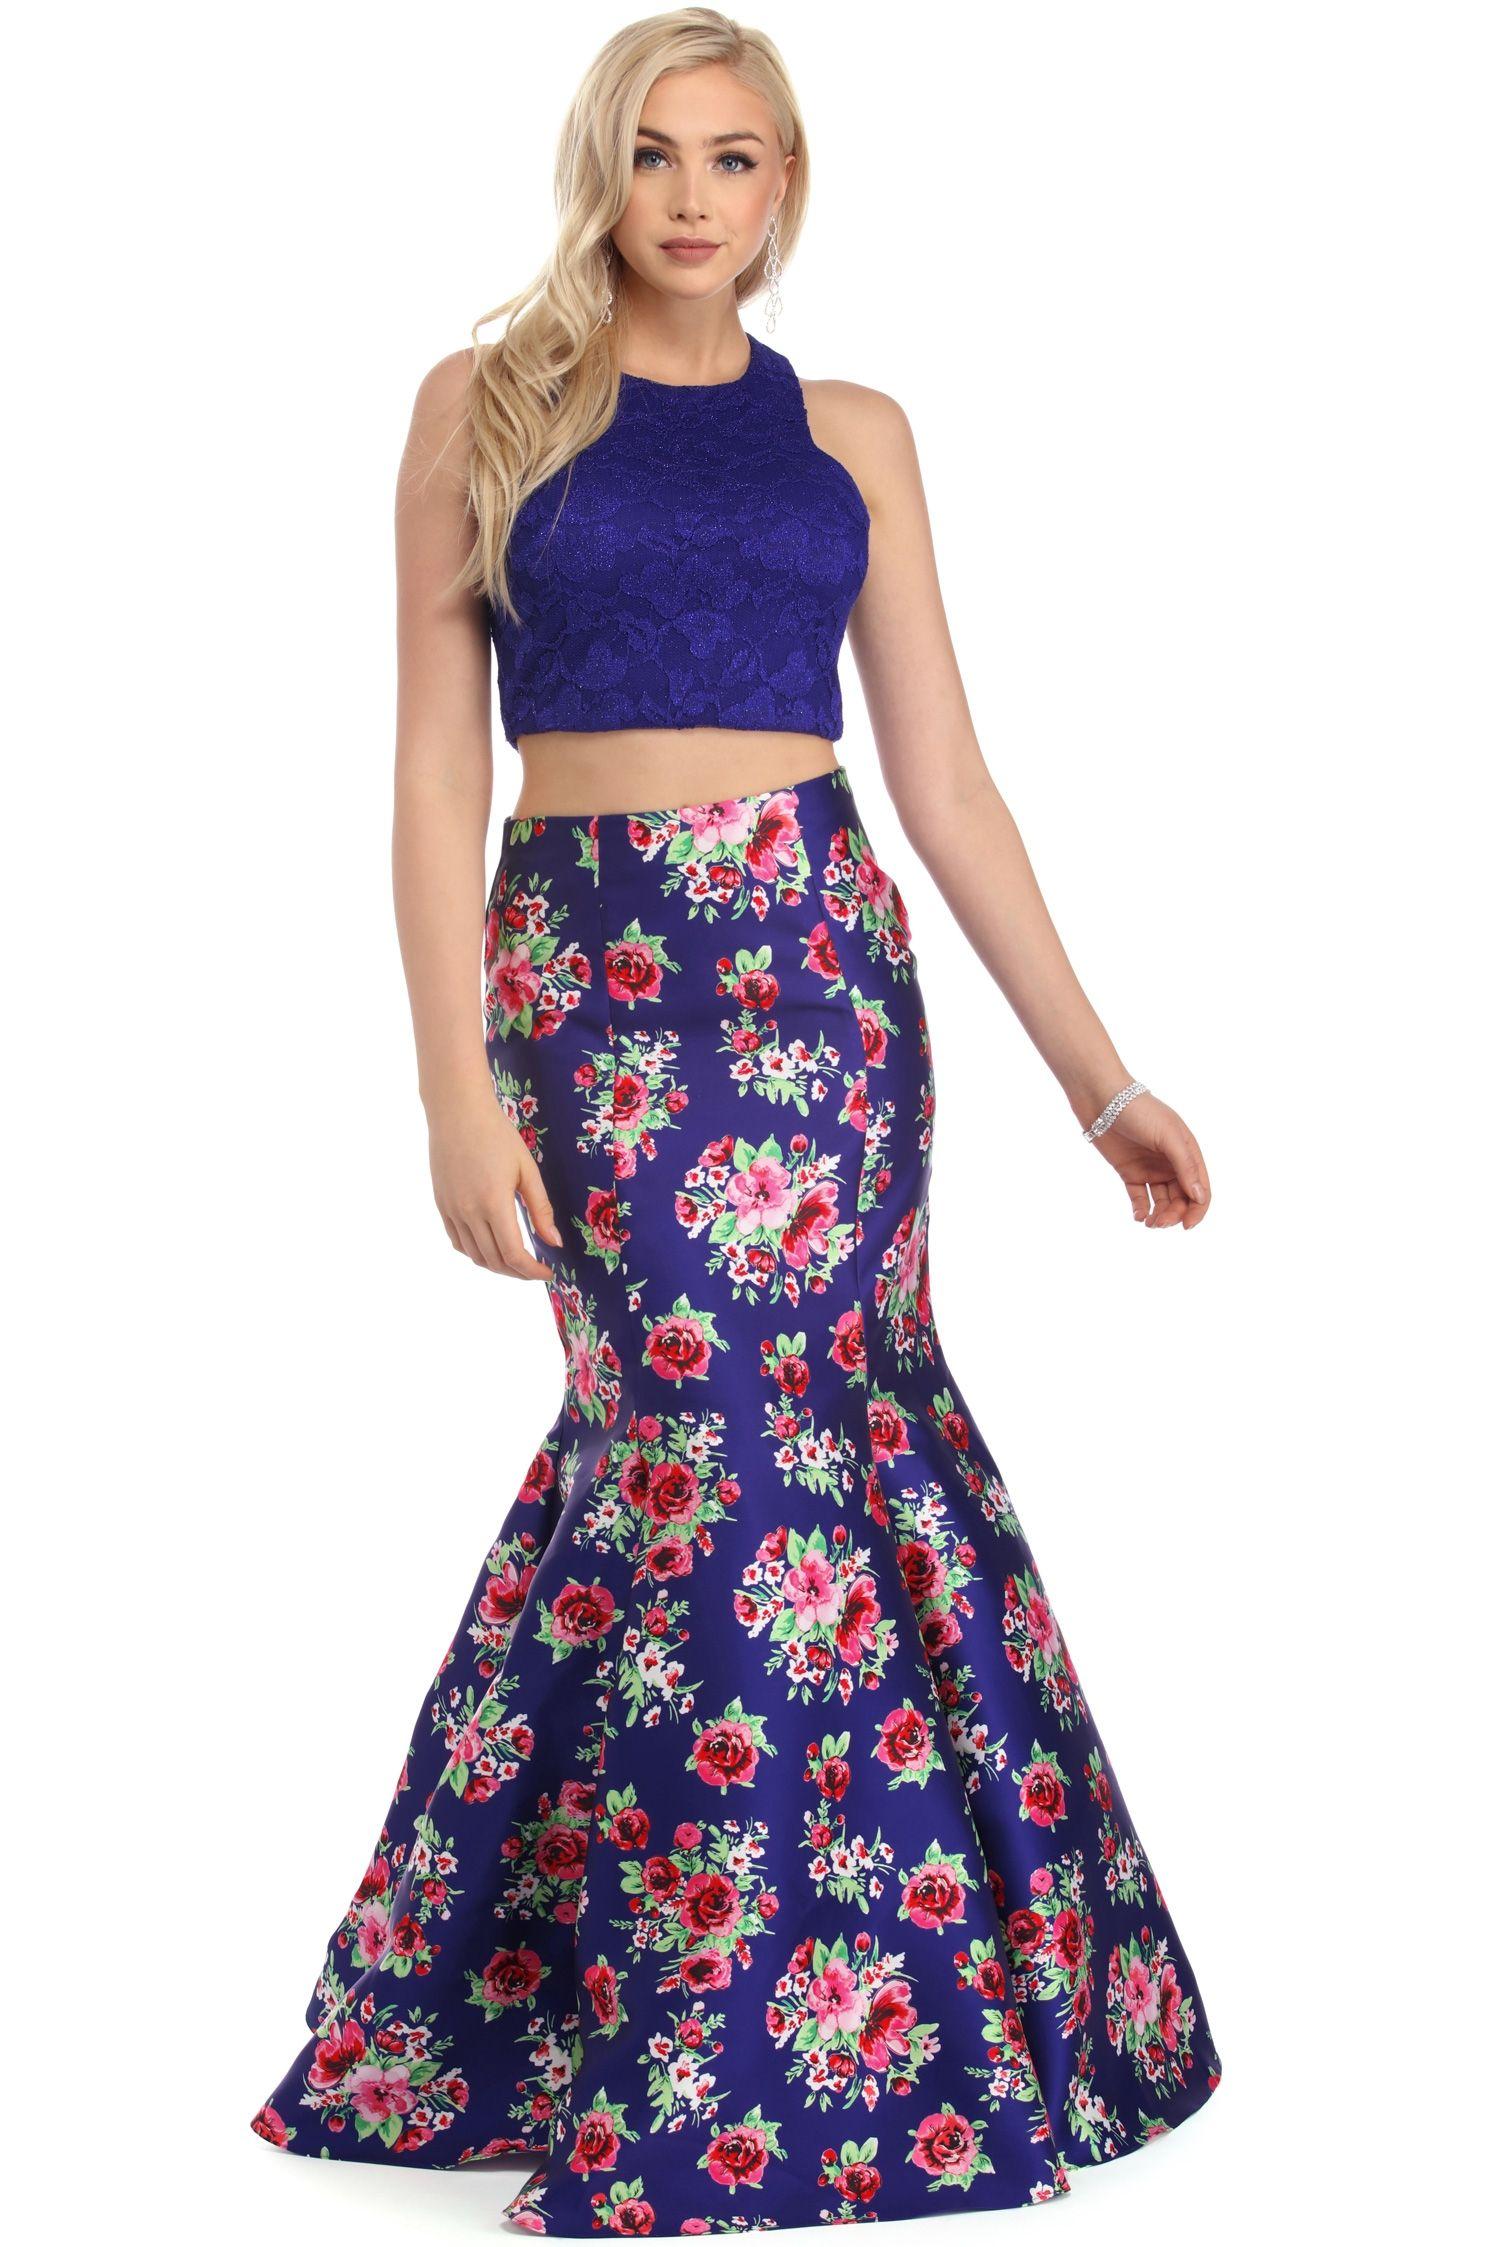 Windsor Dress Shop